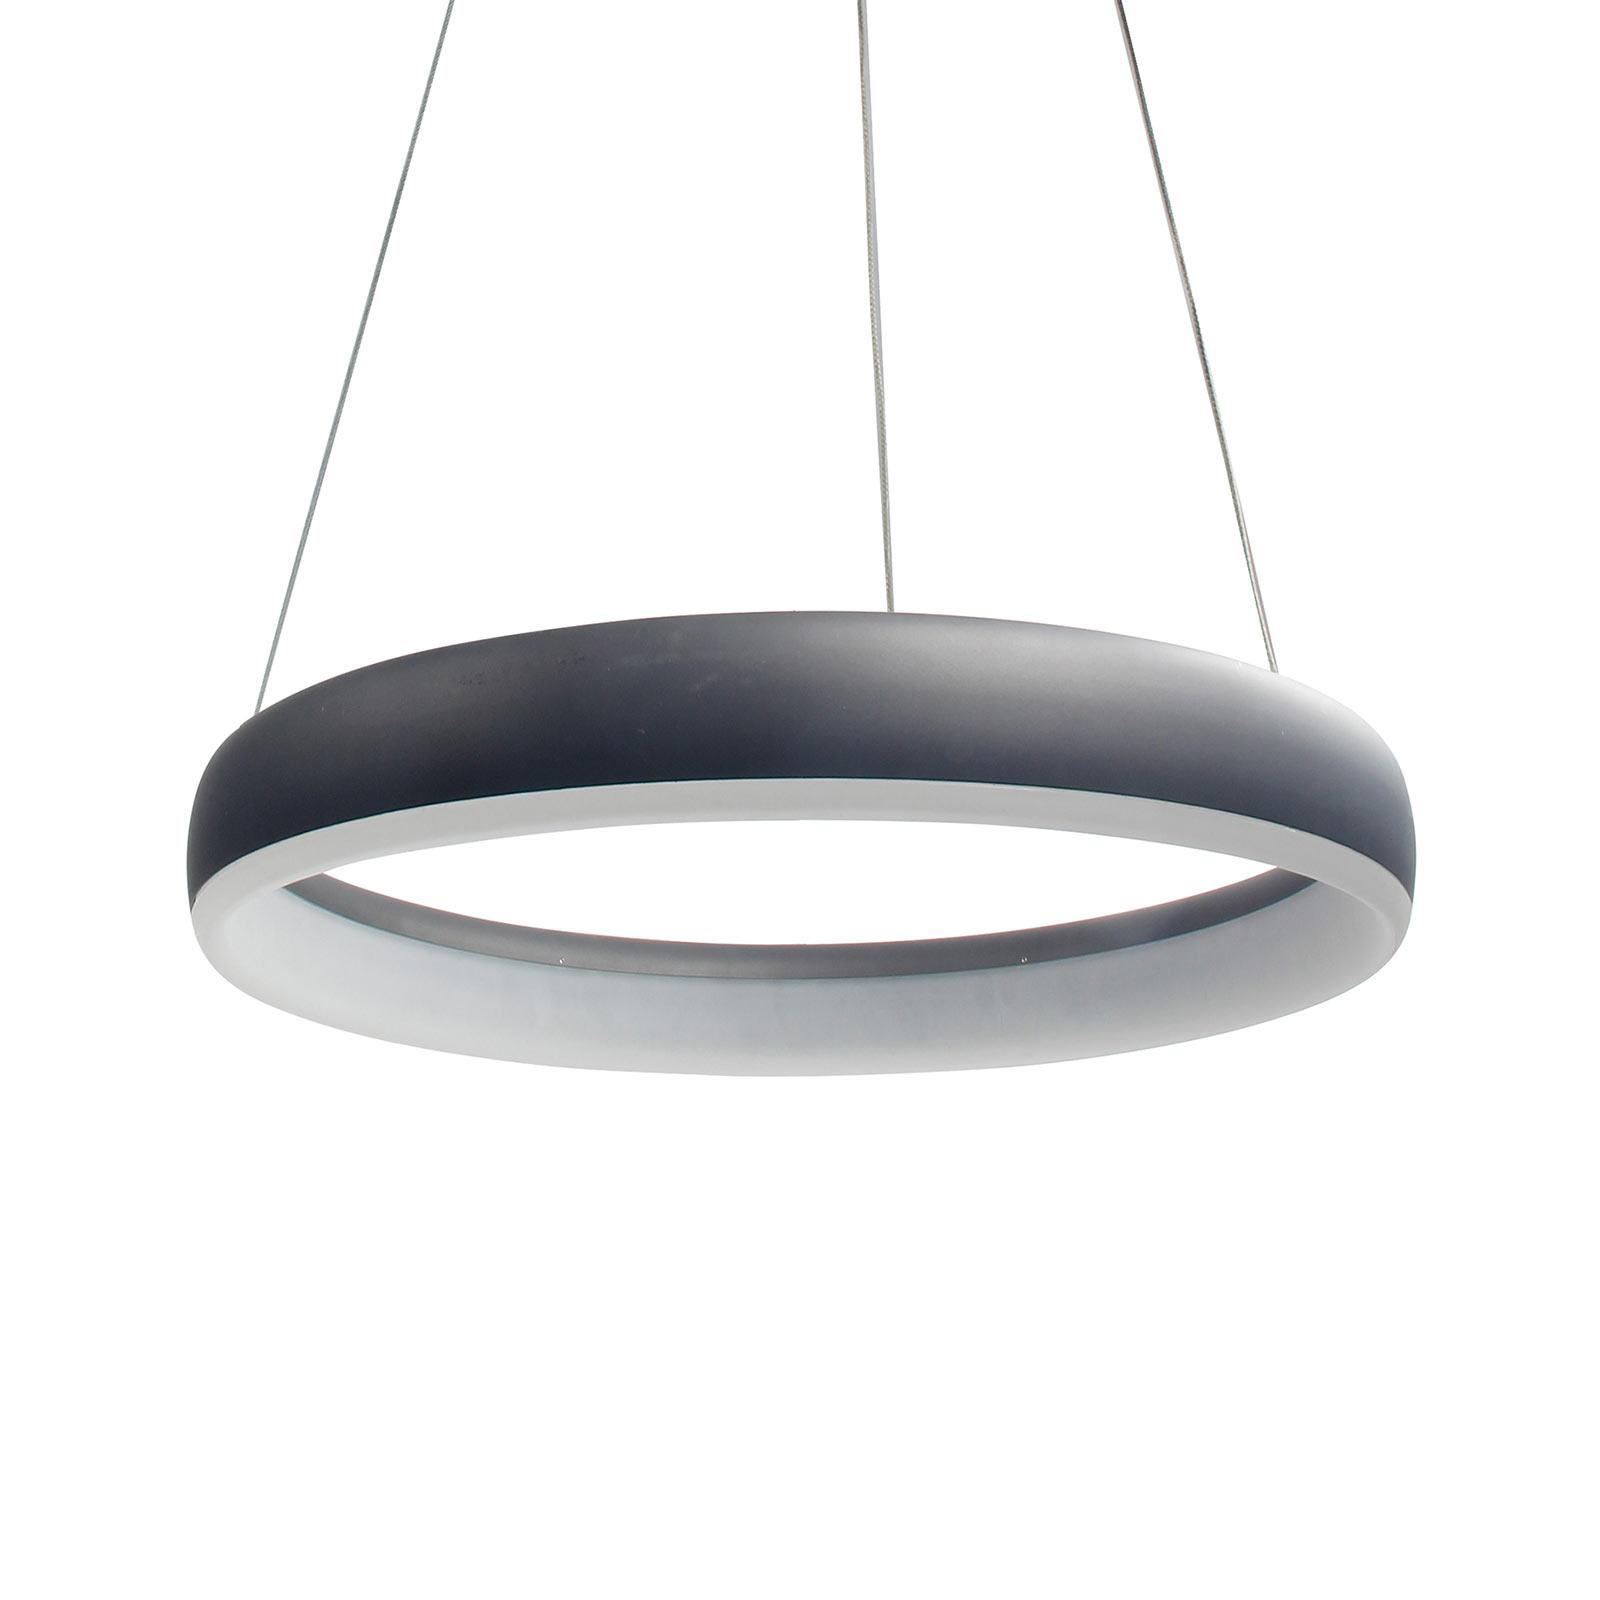 WiZ Clint LED-hänglampa silver Ø 40 cm